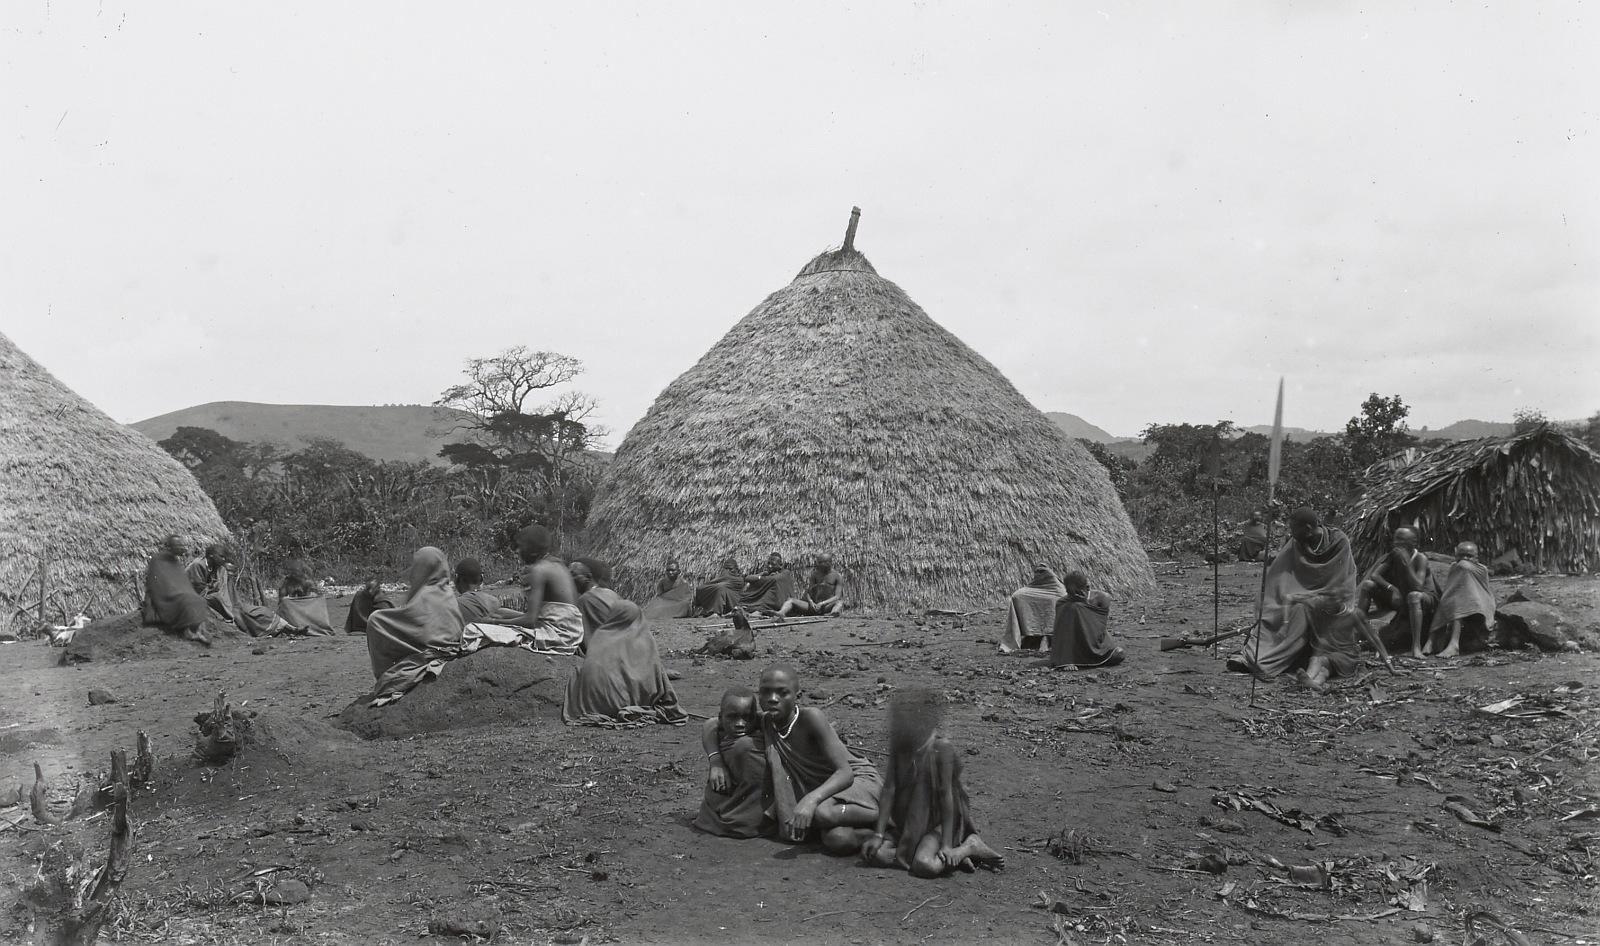 20. Килиманджаро. Деревня джагга